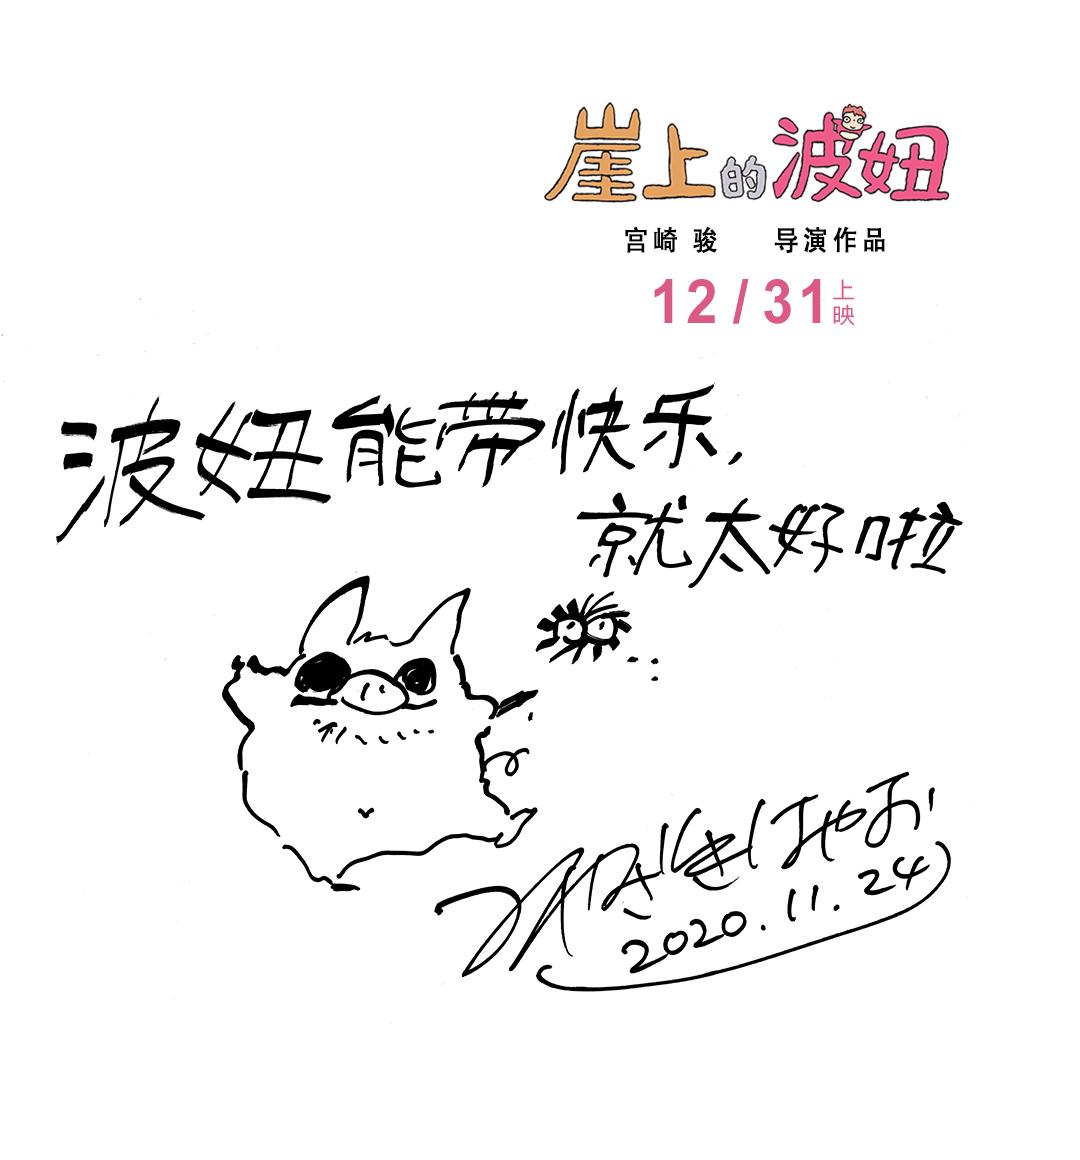 《崖上的波妞》定档,宫崎骏希望波妞能给人幸福,献上中文手写信